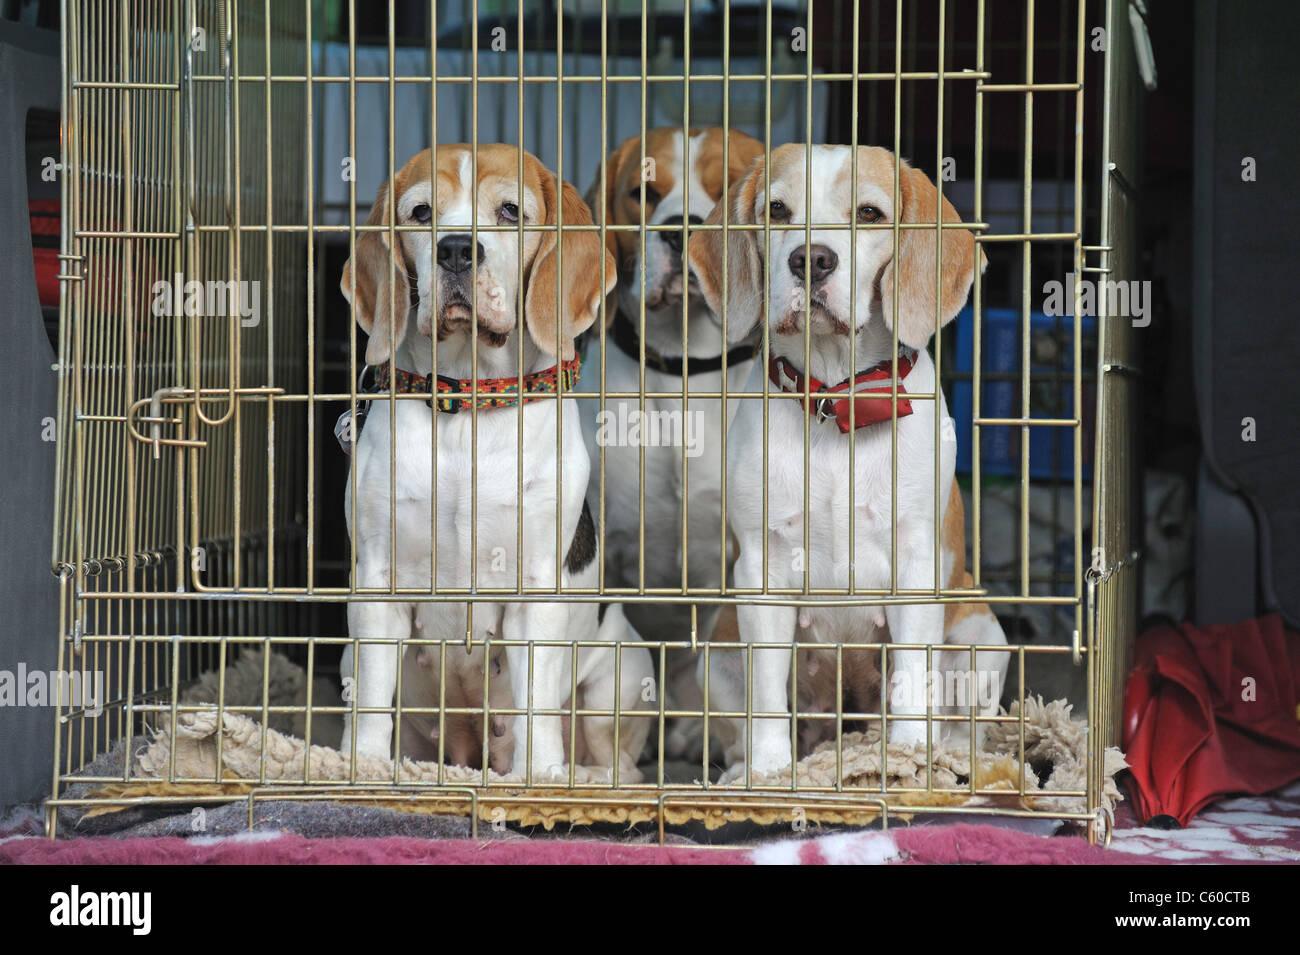 Beagle (Canis lupus familiaris), trois personnes dans une cage de transport dans une voiture. Photo Stock